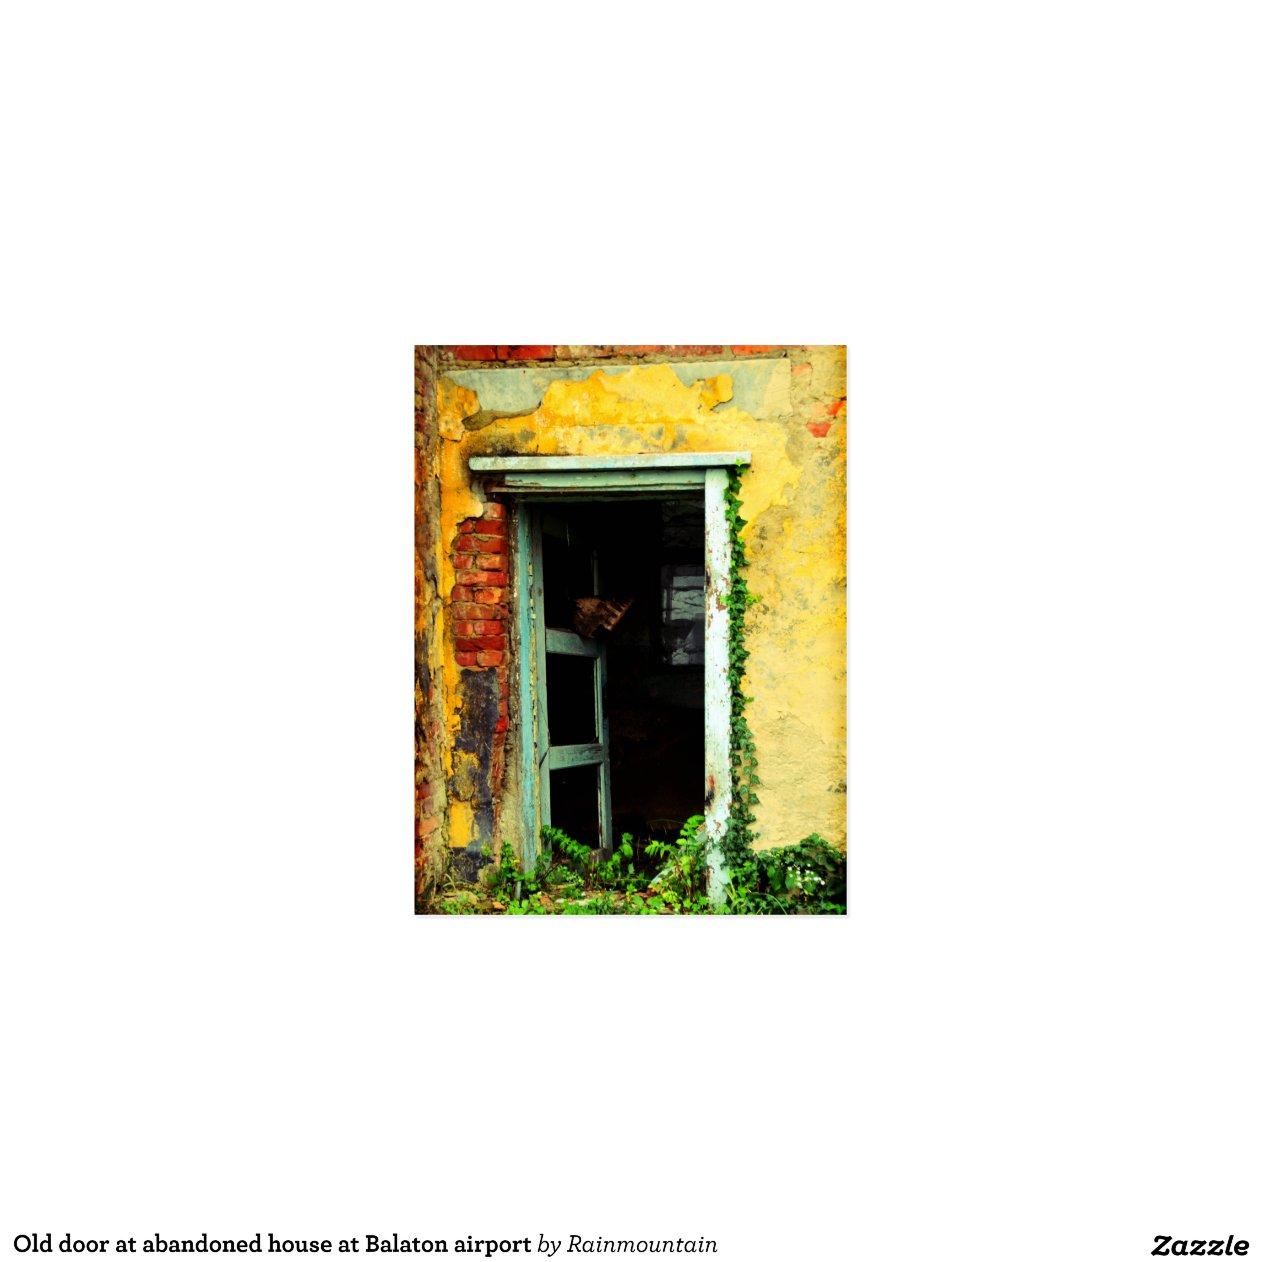 vieille porte la maison abandonn e l 39 a roport cartes postales zazzle. Black Bedroom Furniture Sets. Home Design Ideas